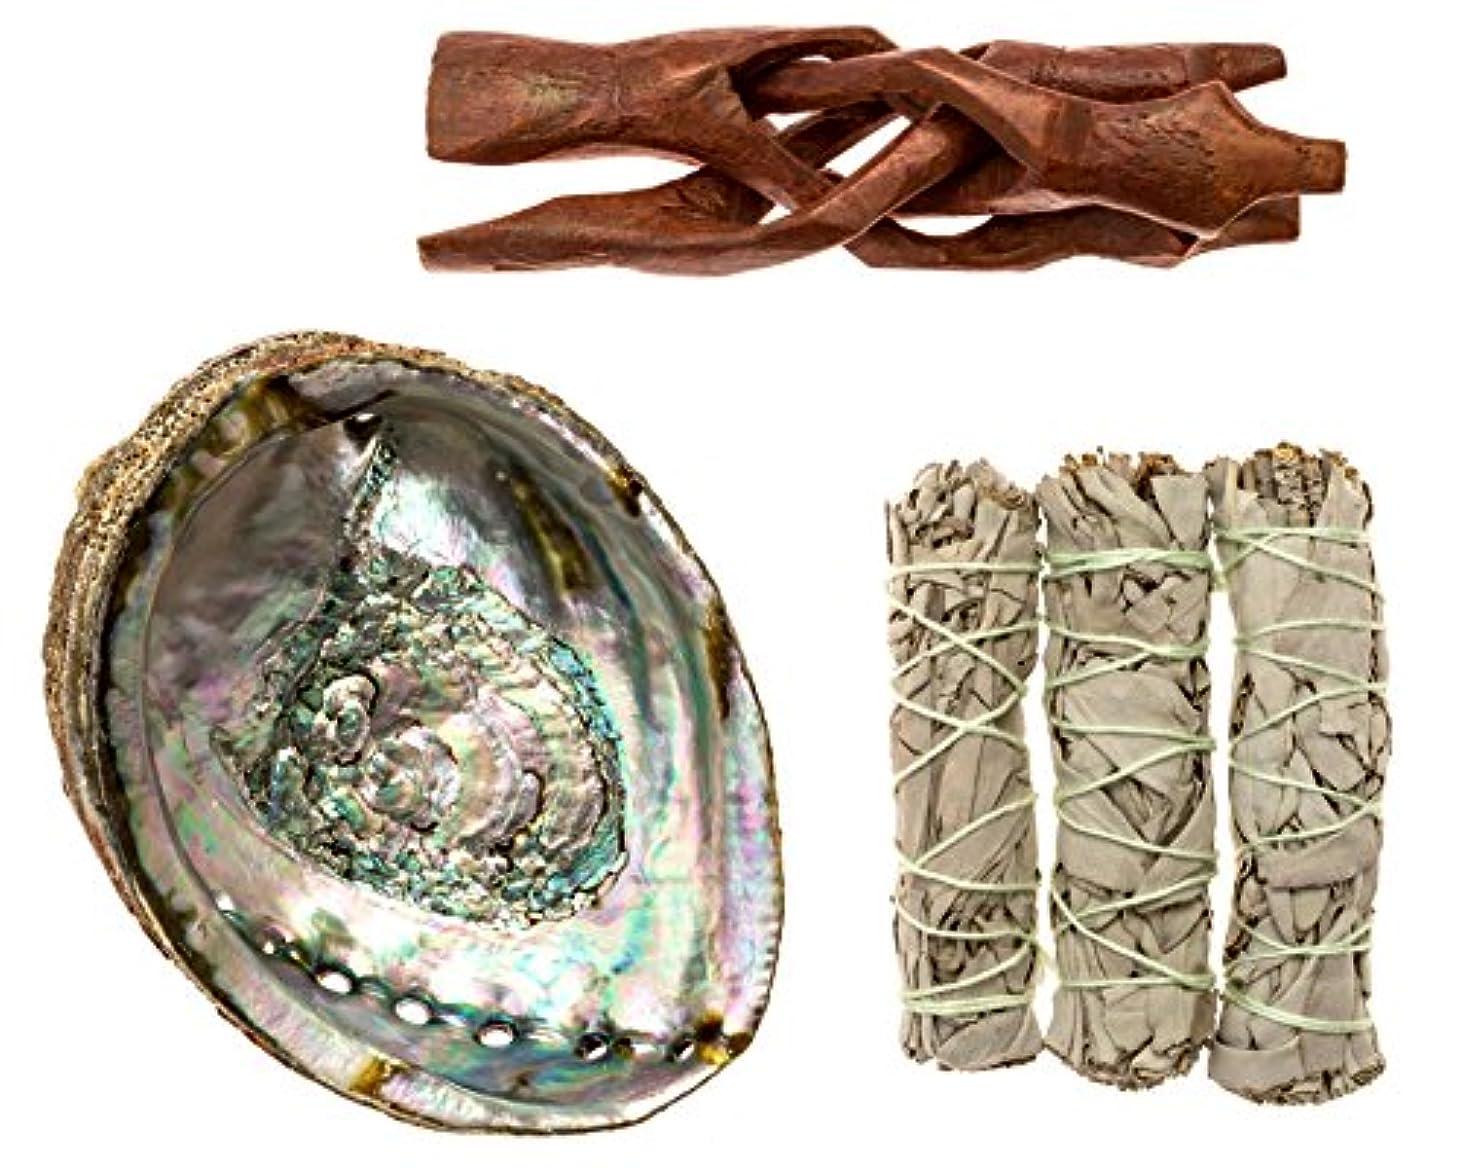 耐える不正直よく話されるPremium Abalone Shell with木製三脚スタンドと3カリフォルニアホワイトセージスマッジSticks for Incense燃焼、Home Fragrance、エネルギーClearing、ヨガ、瞑想。...